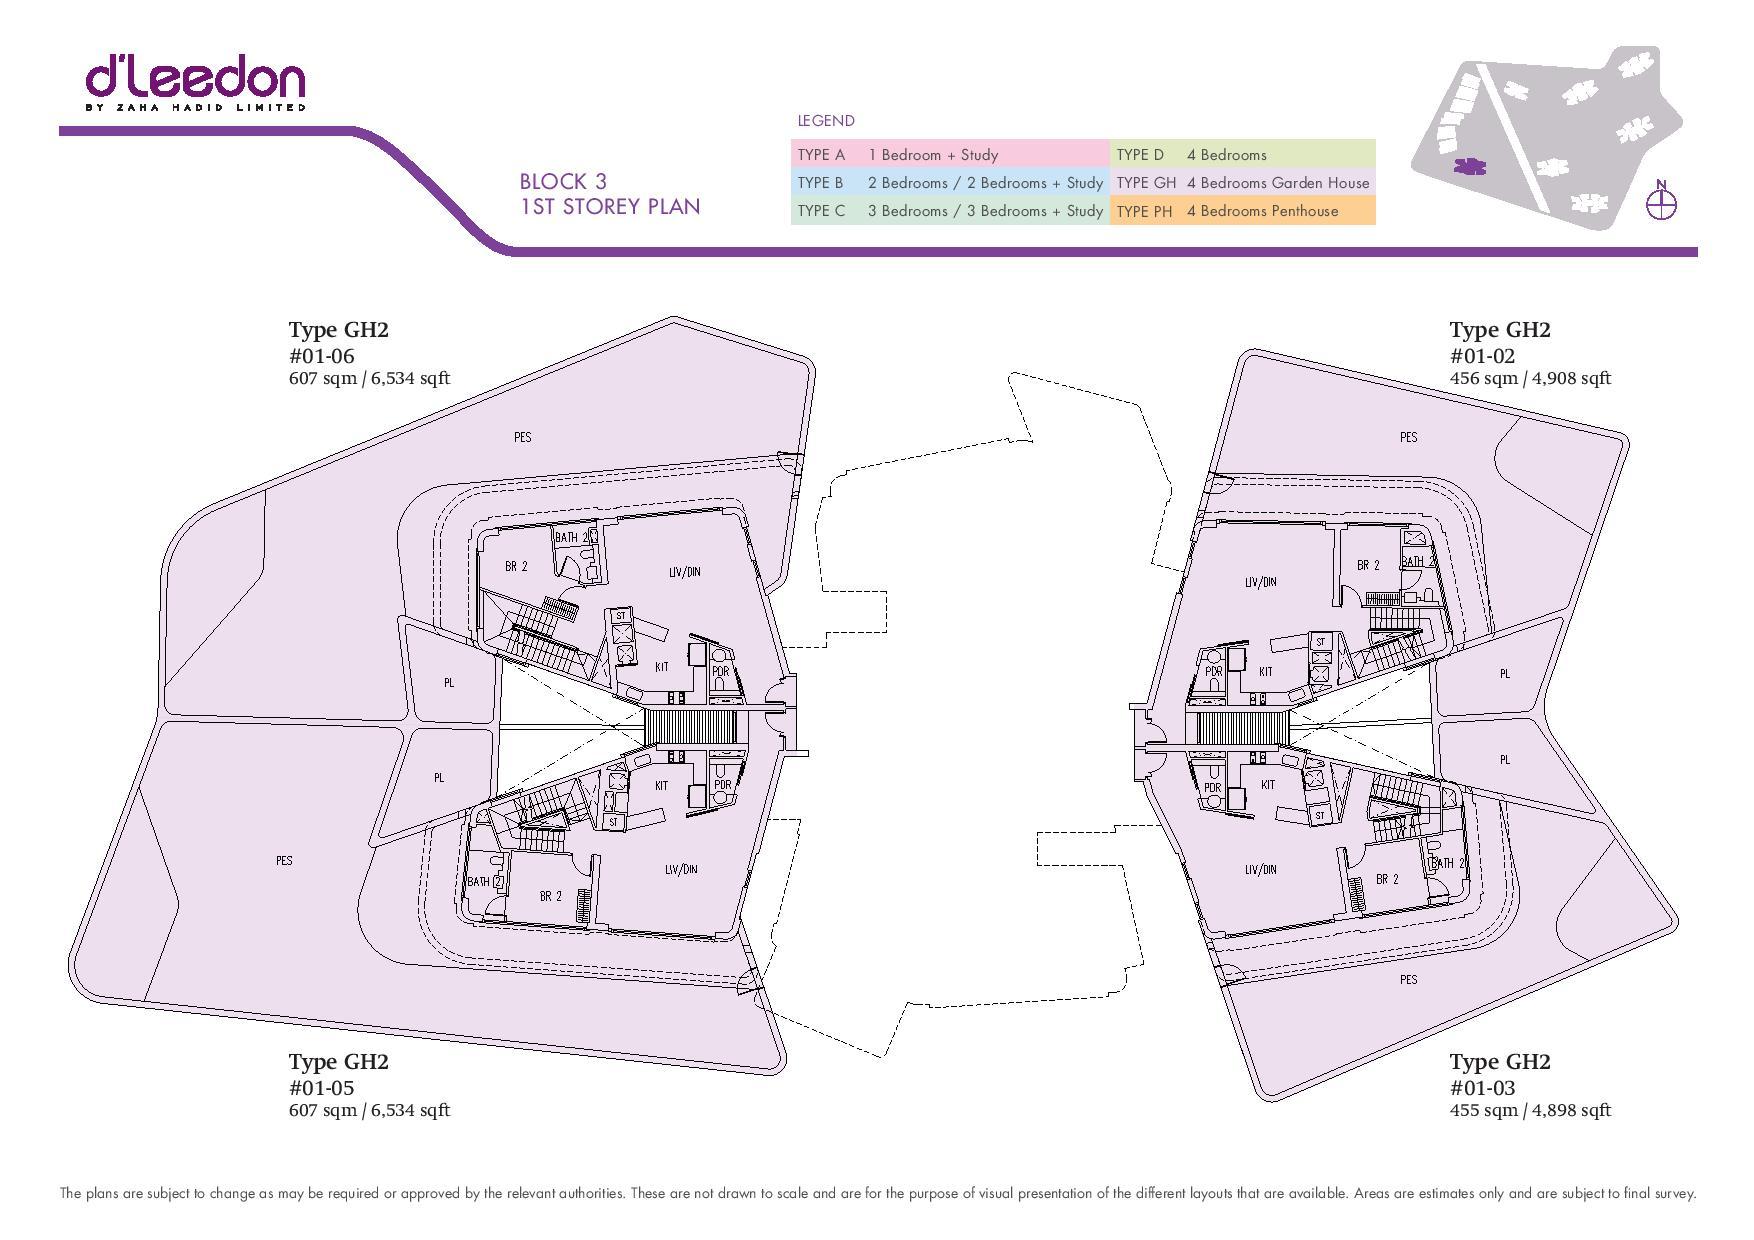 D'Leedon Block 1st Storey Floor Plans